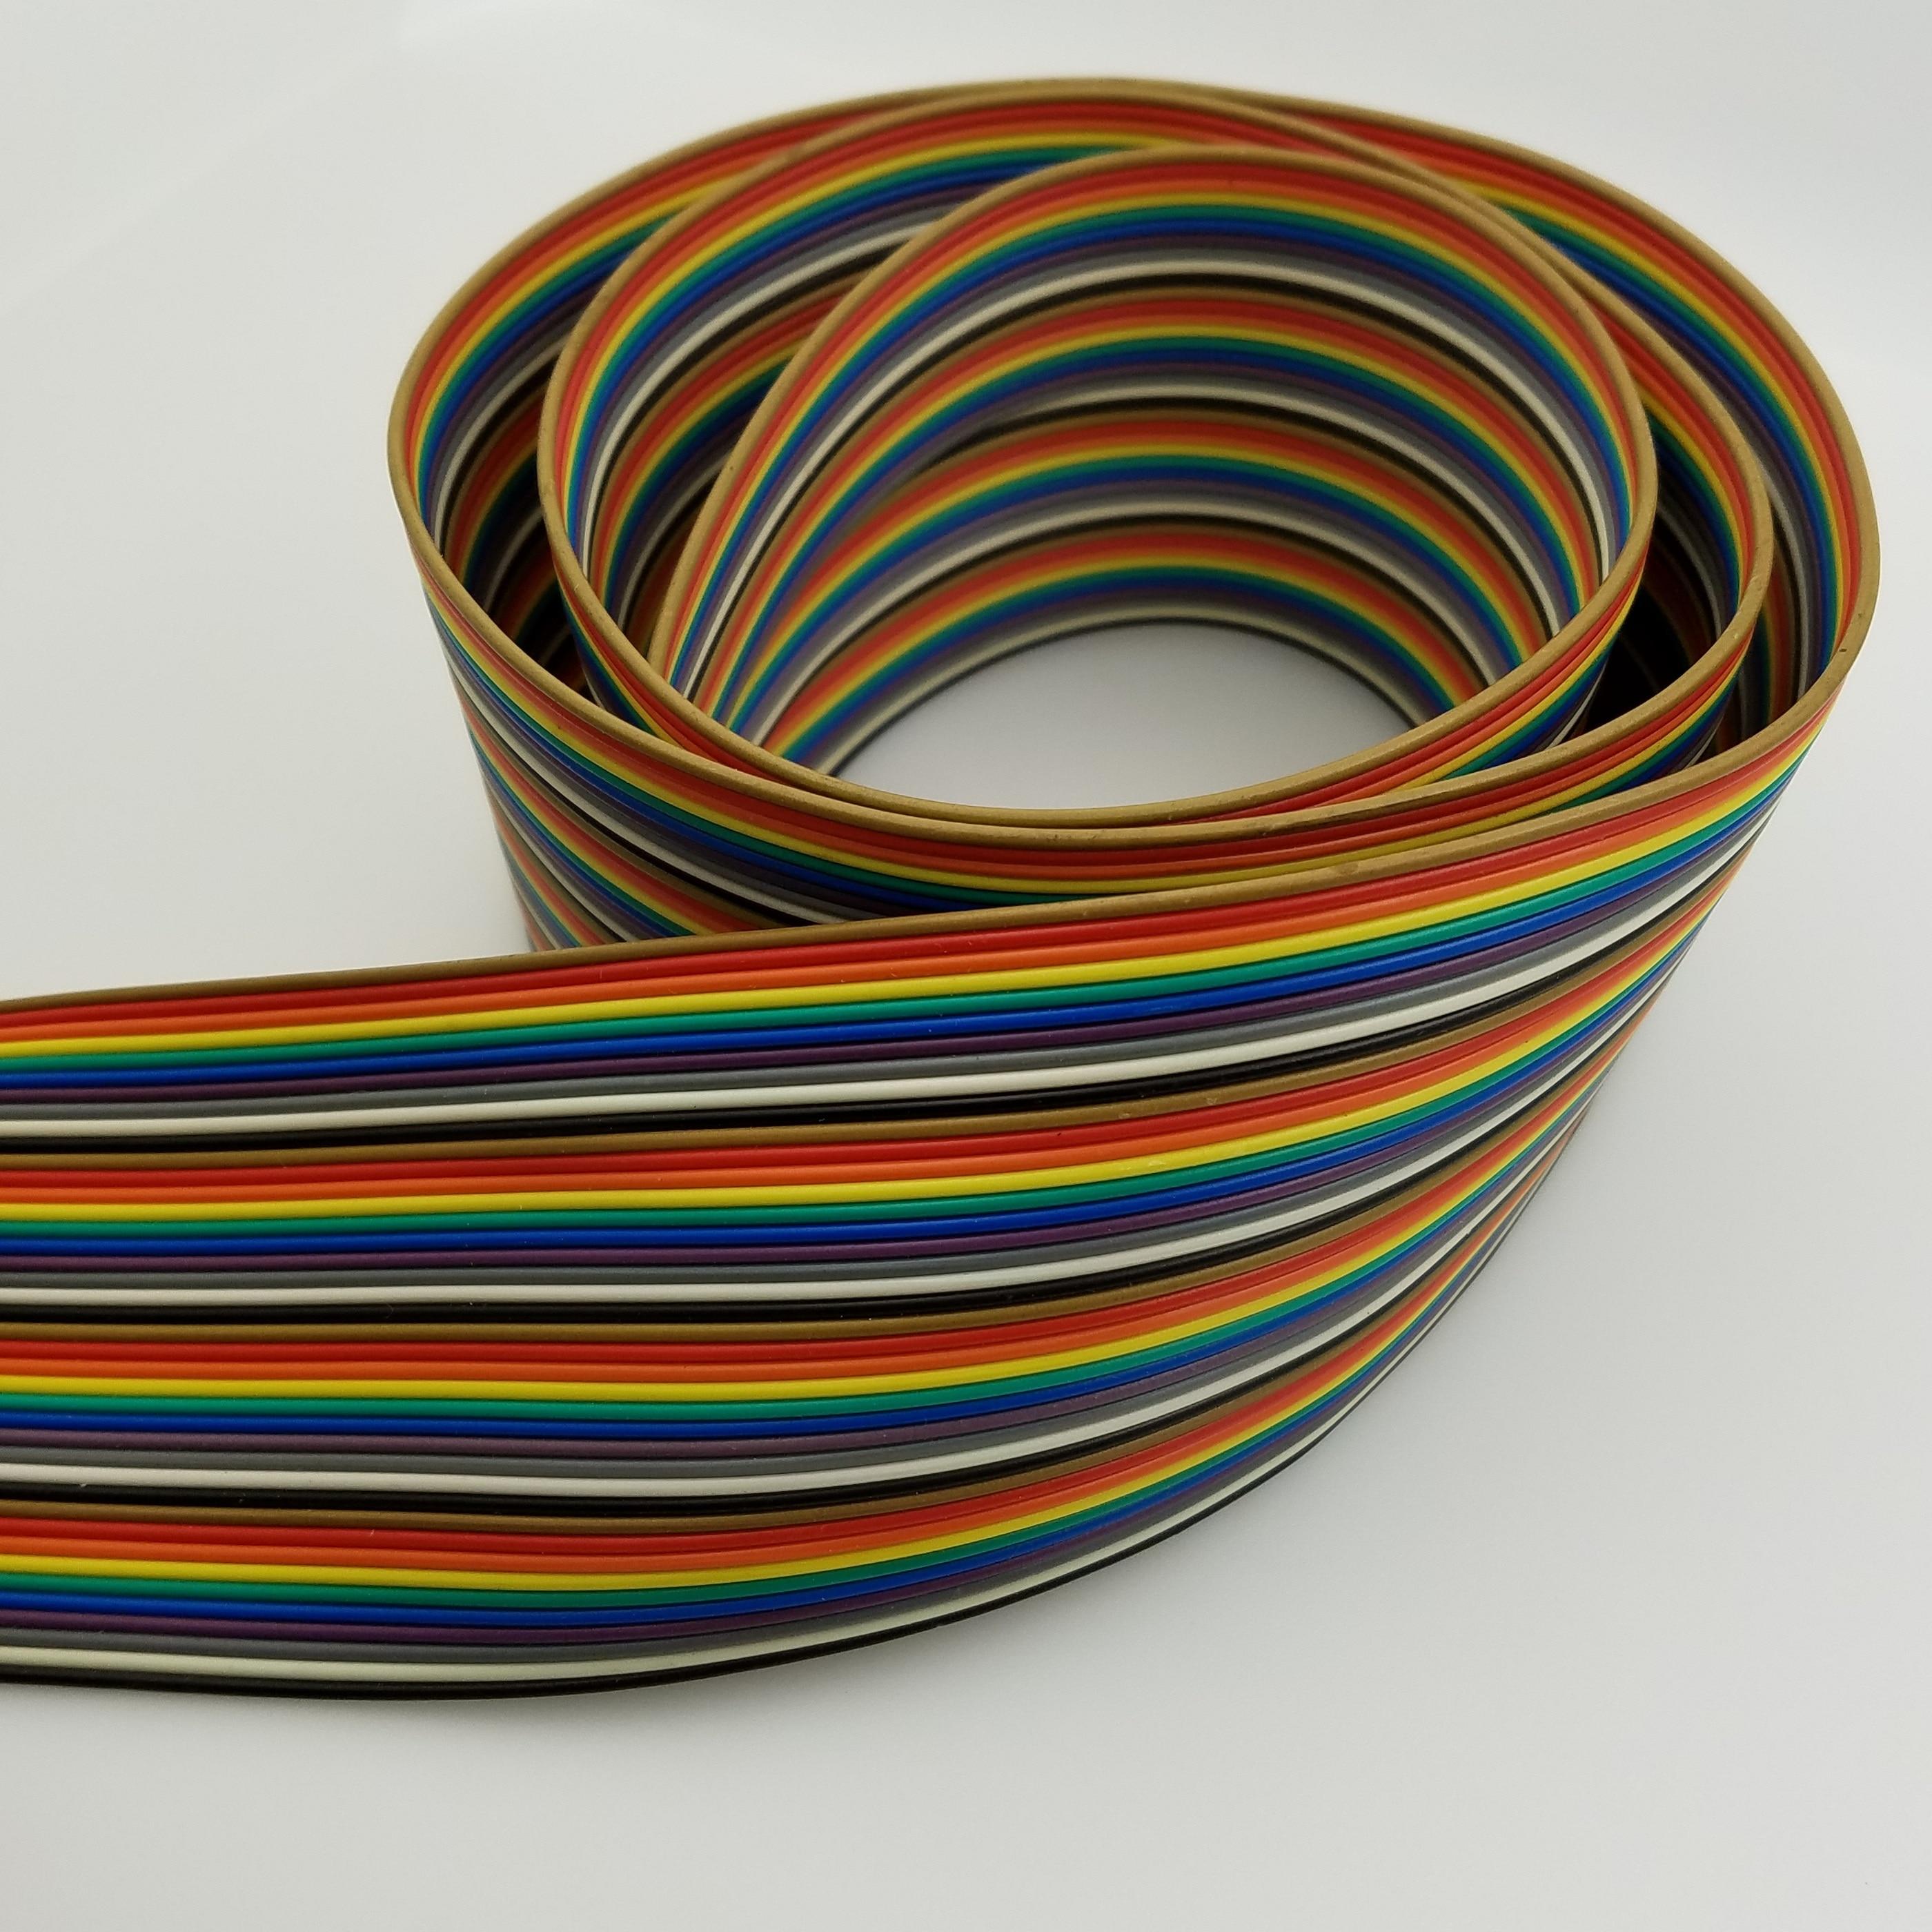 50P NEXTRON 2651 Радужный цветной Ряд Линия 7 нитей на долю 0,127 мм оловянный медный провод 50PIN линия IDC соответствующий провод